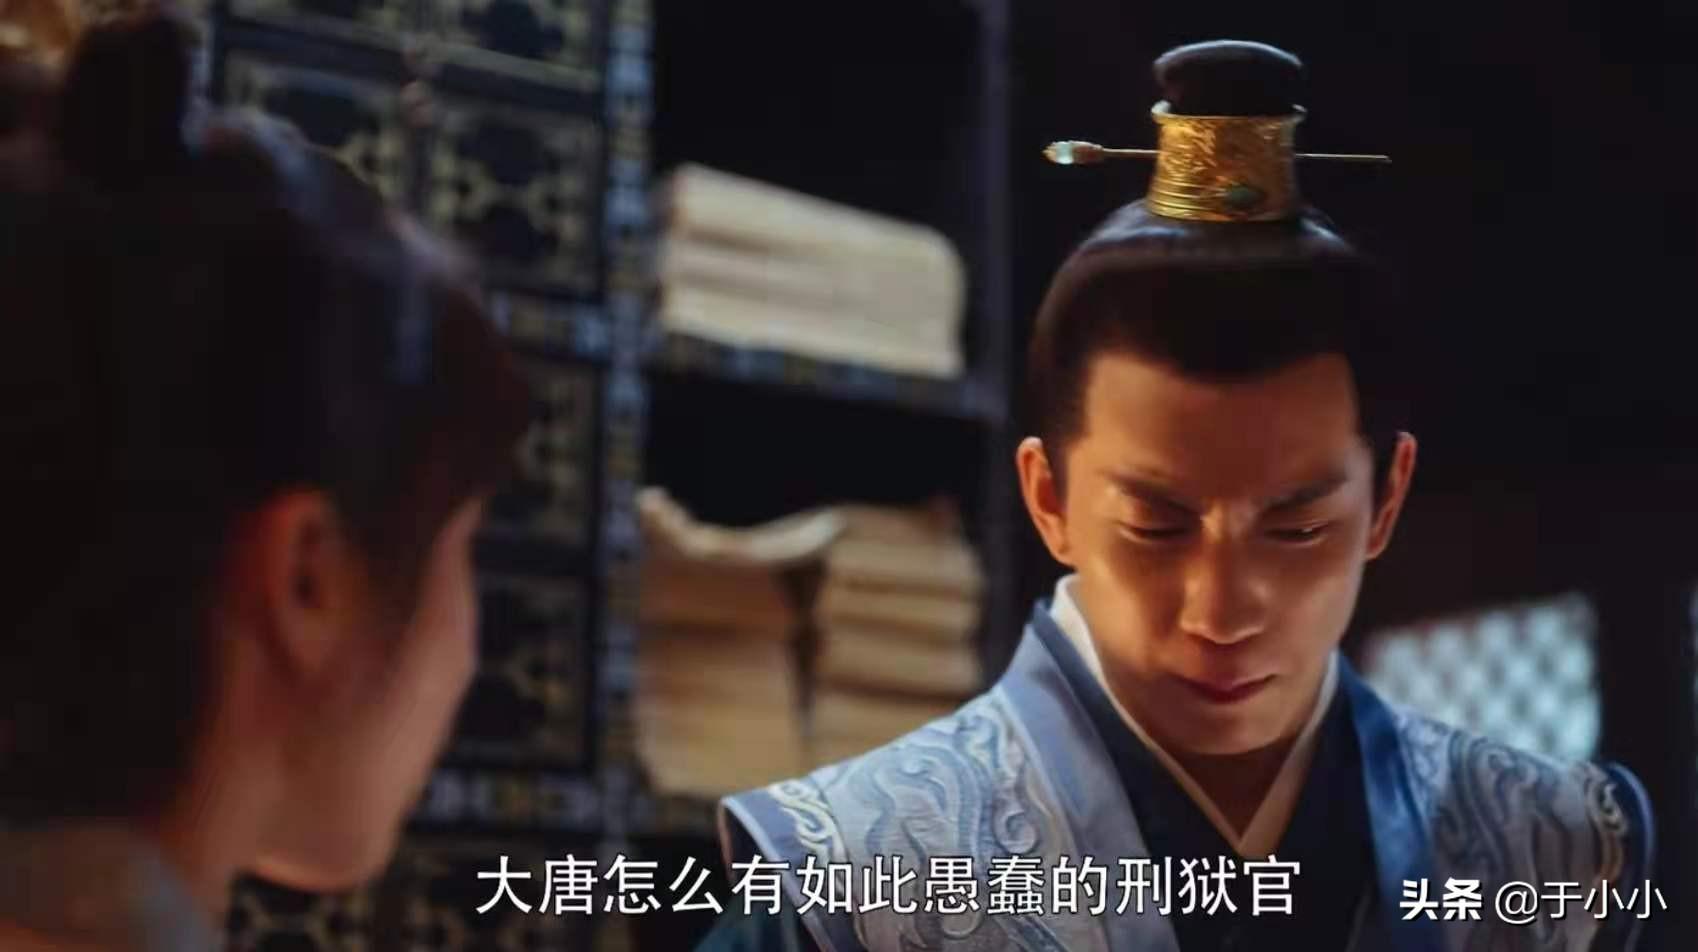 《御赐小仵作》大结局的疑问:萧瑾瑜身份,昌王的蜡烛,秦栾弑君